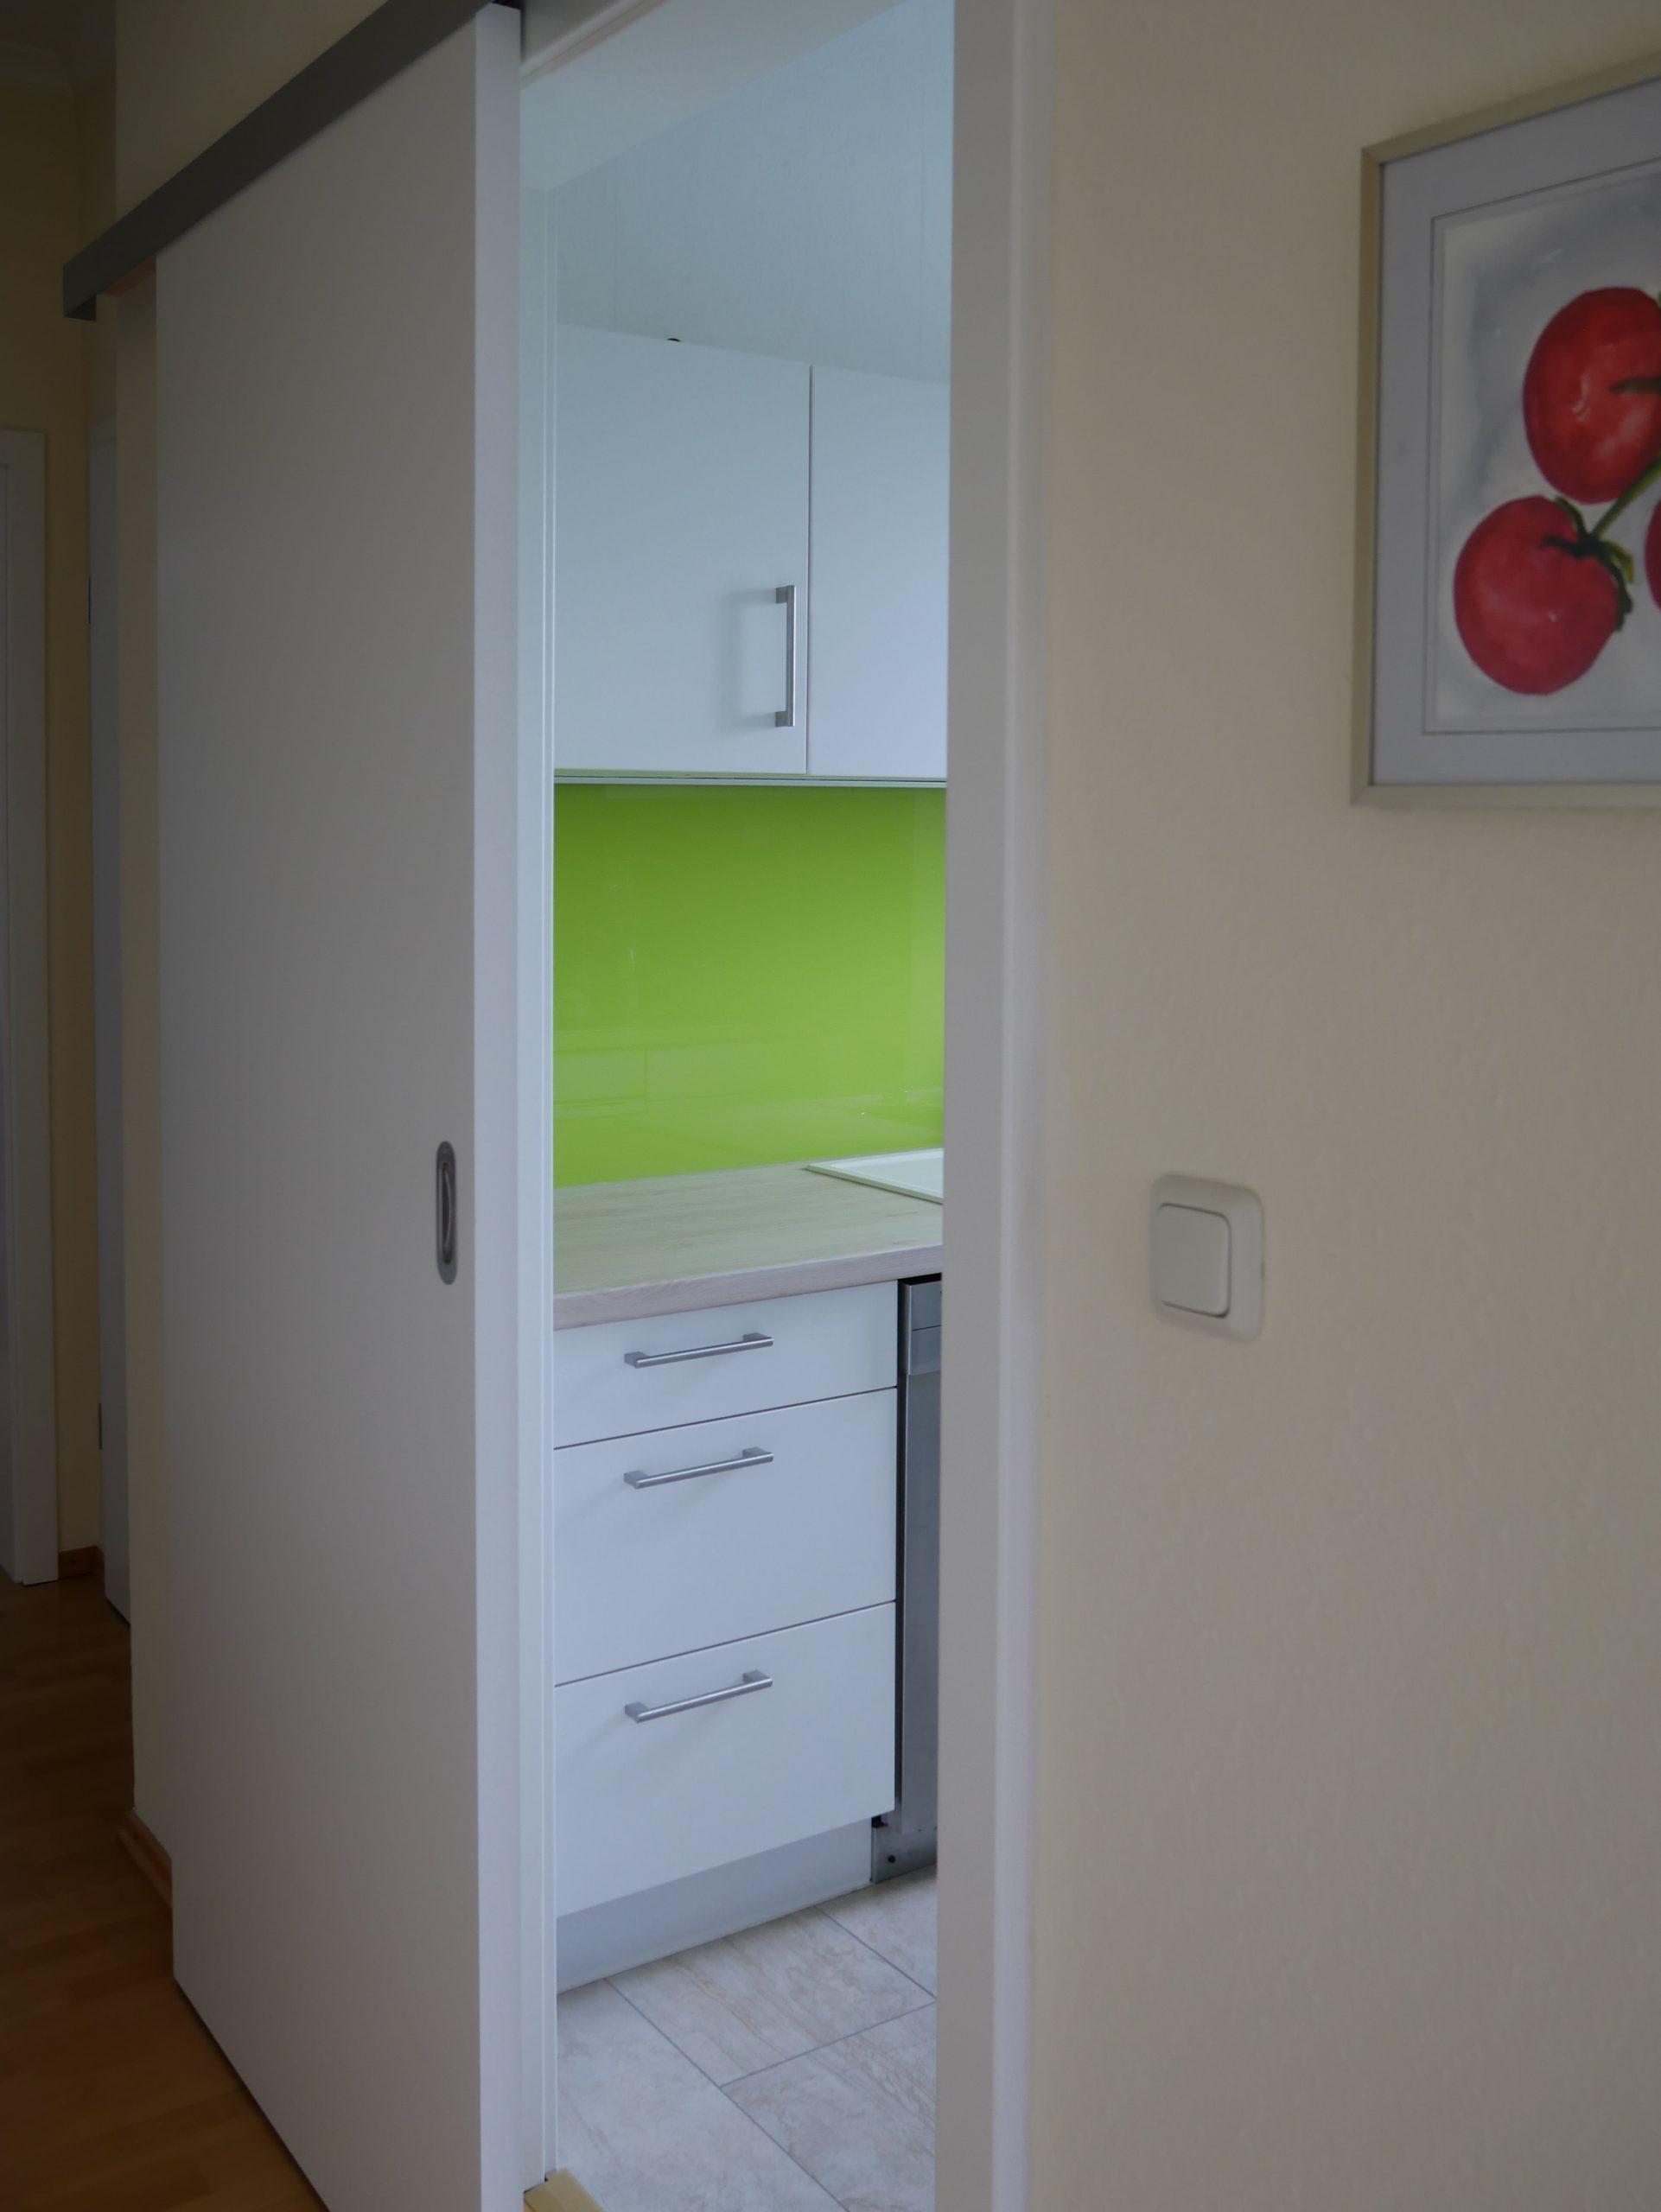 Küche mit Schiebetüre